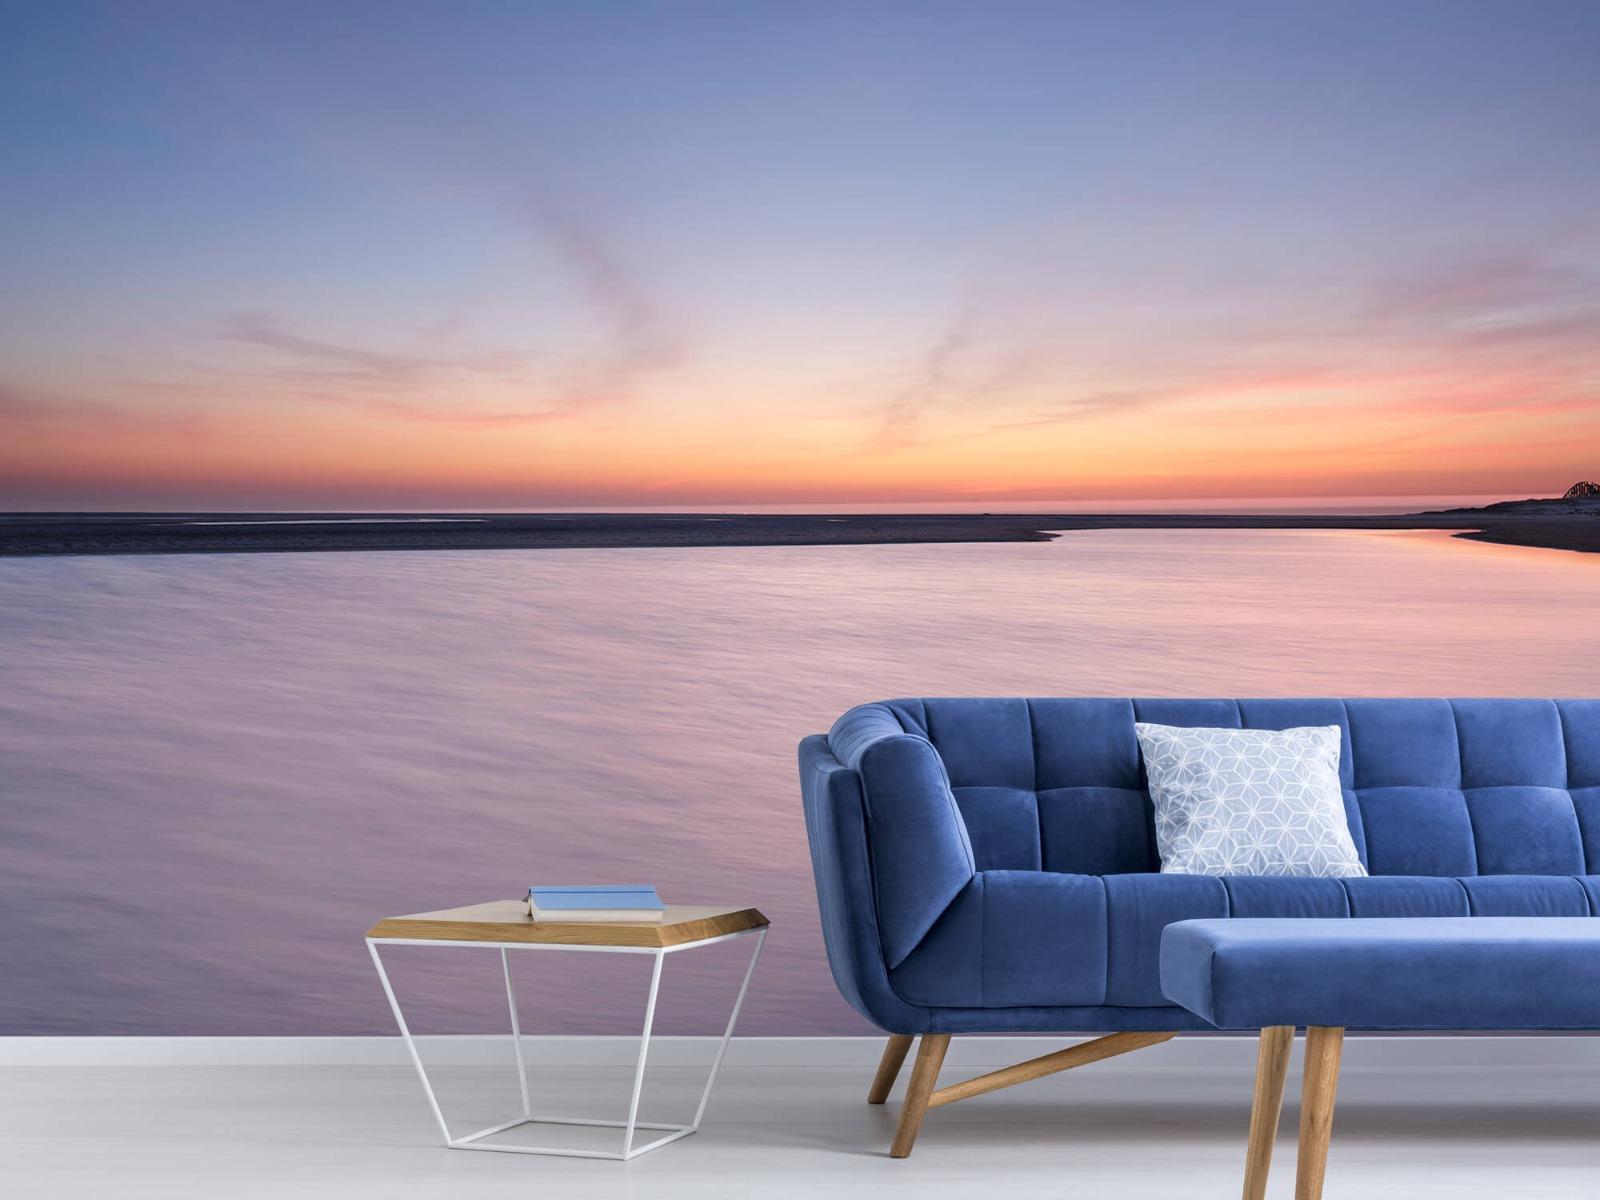 Zeeën en Oceanen - Zonsondergang aan zee - Slaapkamer 5